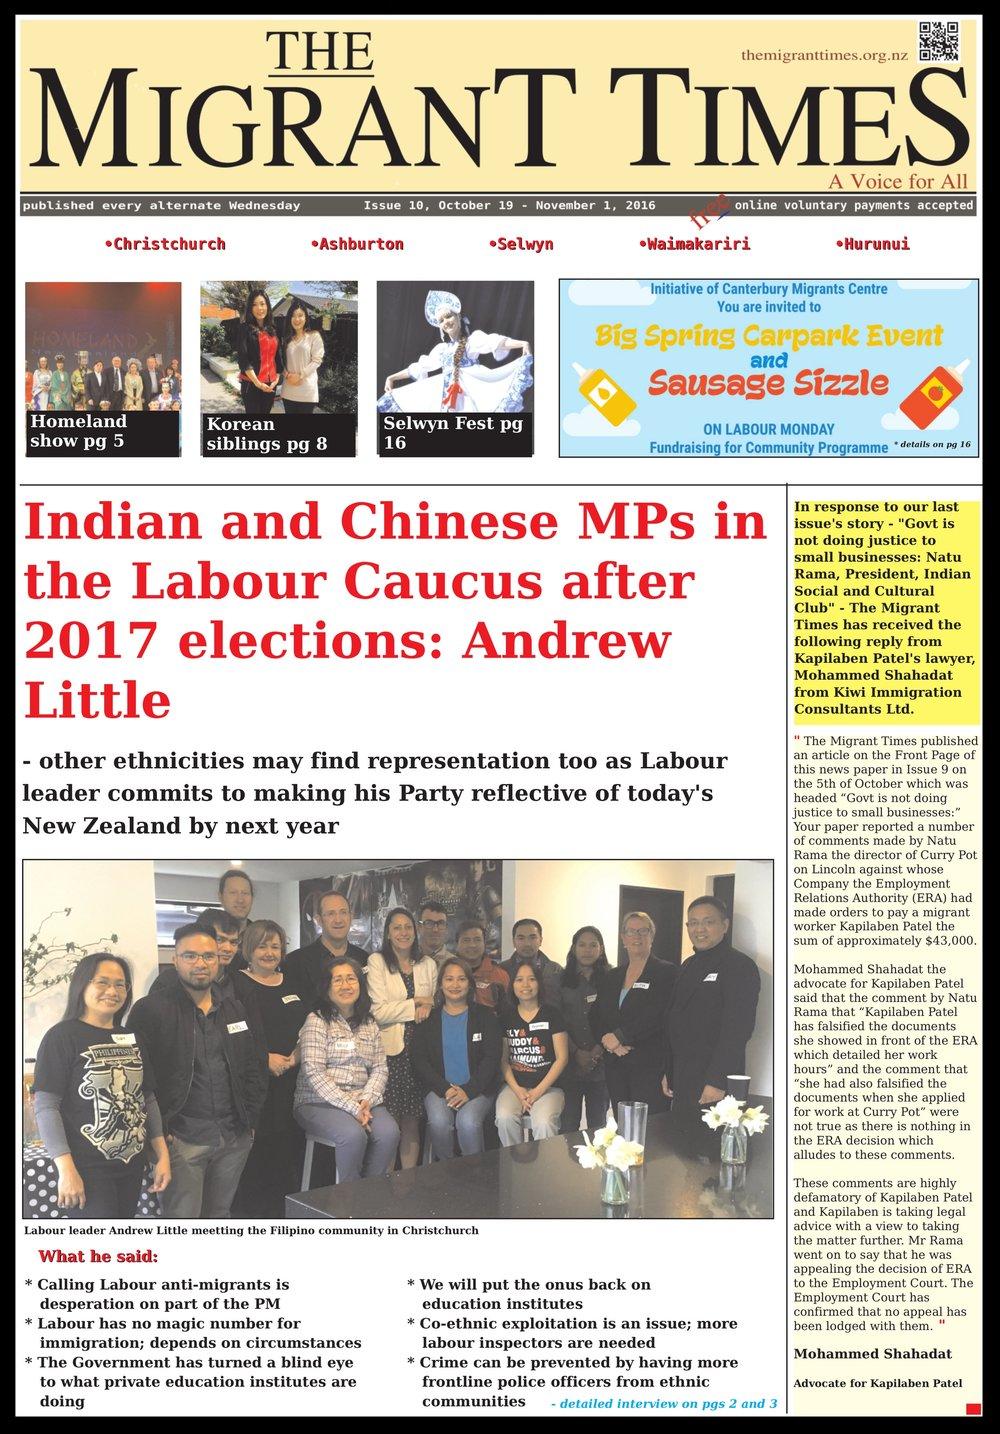 Issue 10, October 19 - November 1, 2016